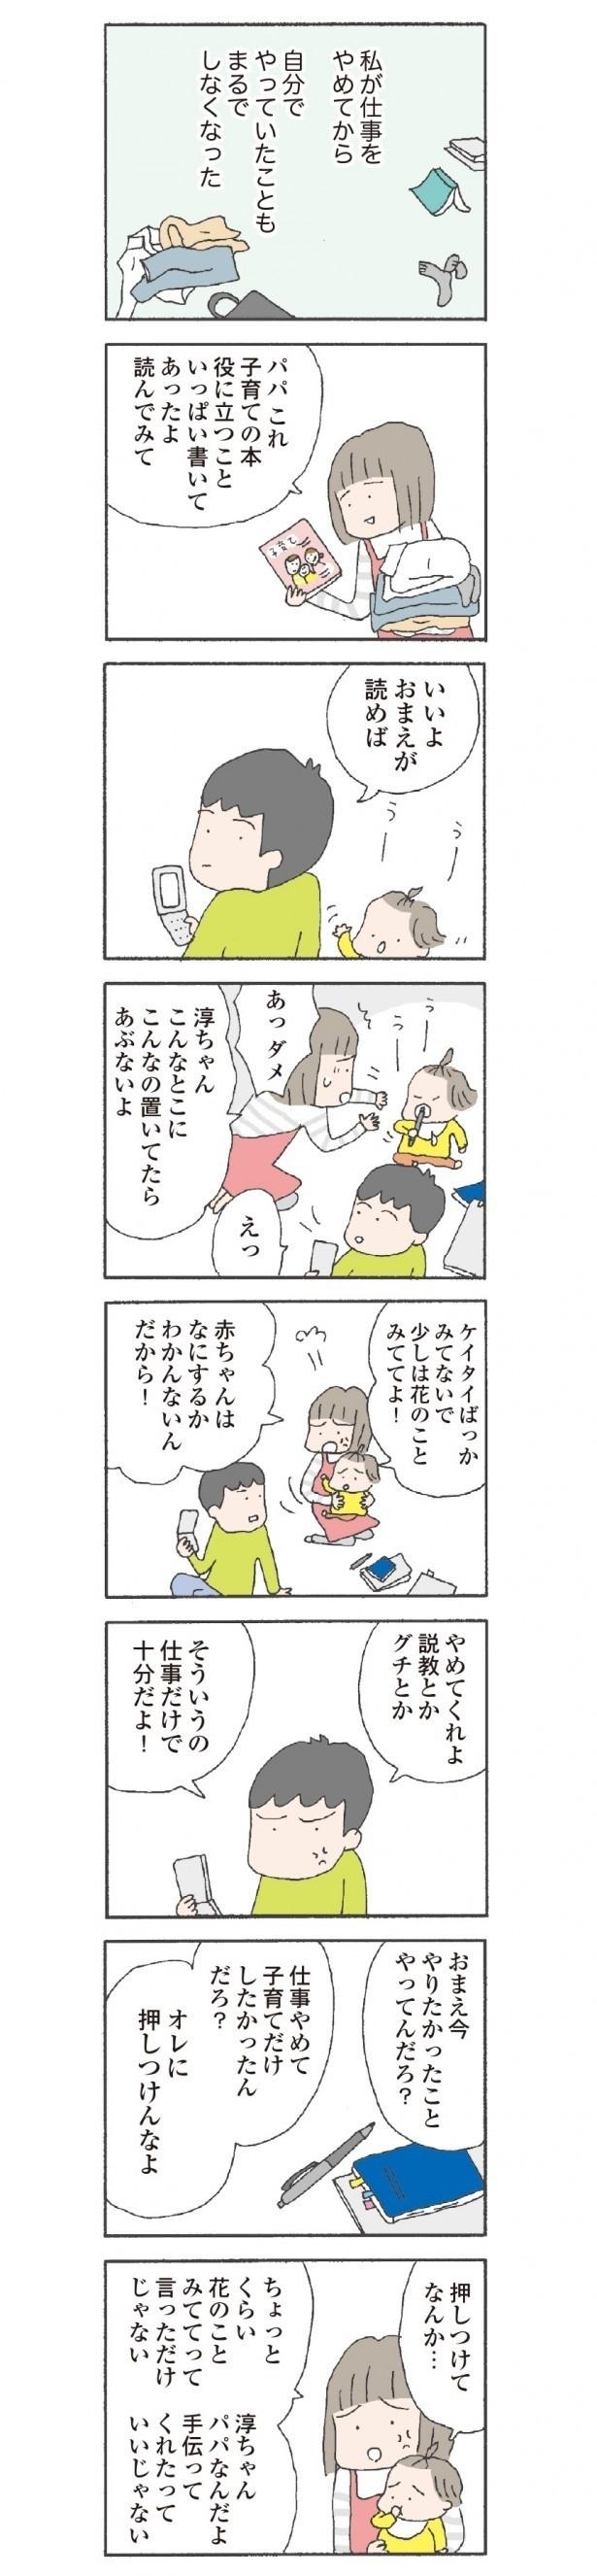 離婚 し て も いい です か 翔子 の 場合